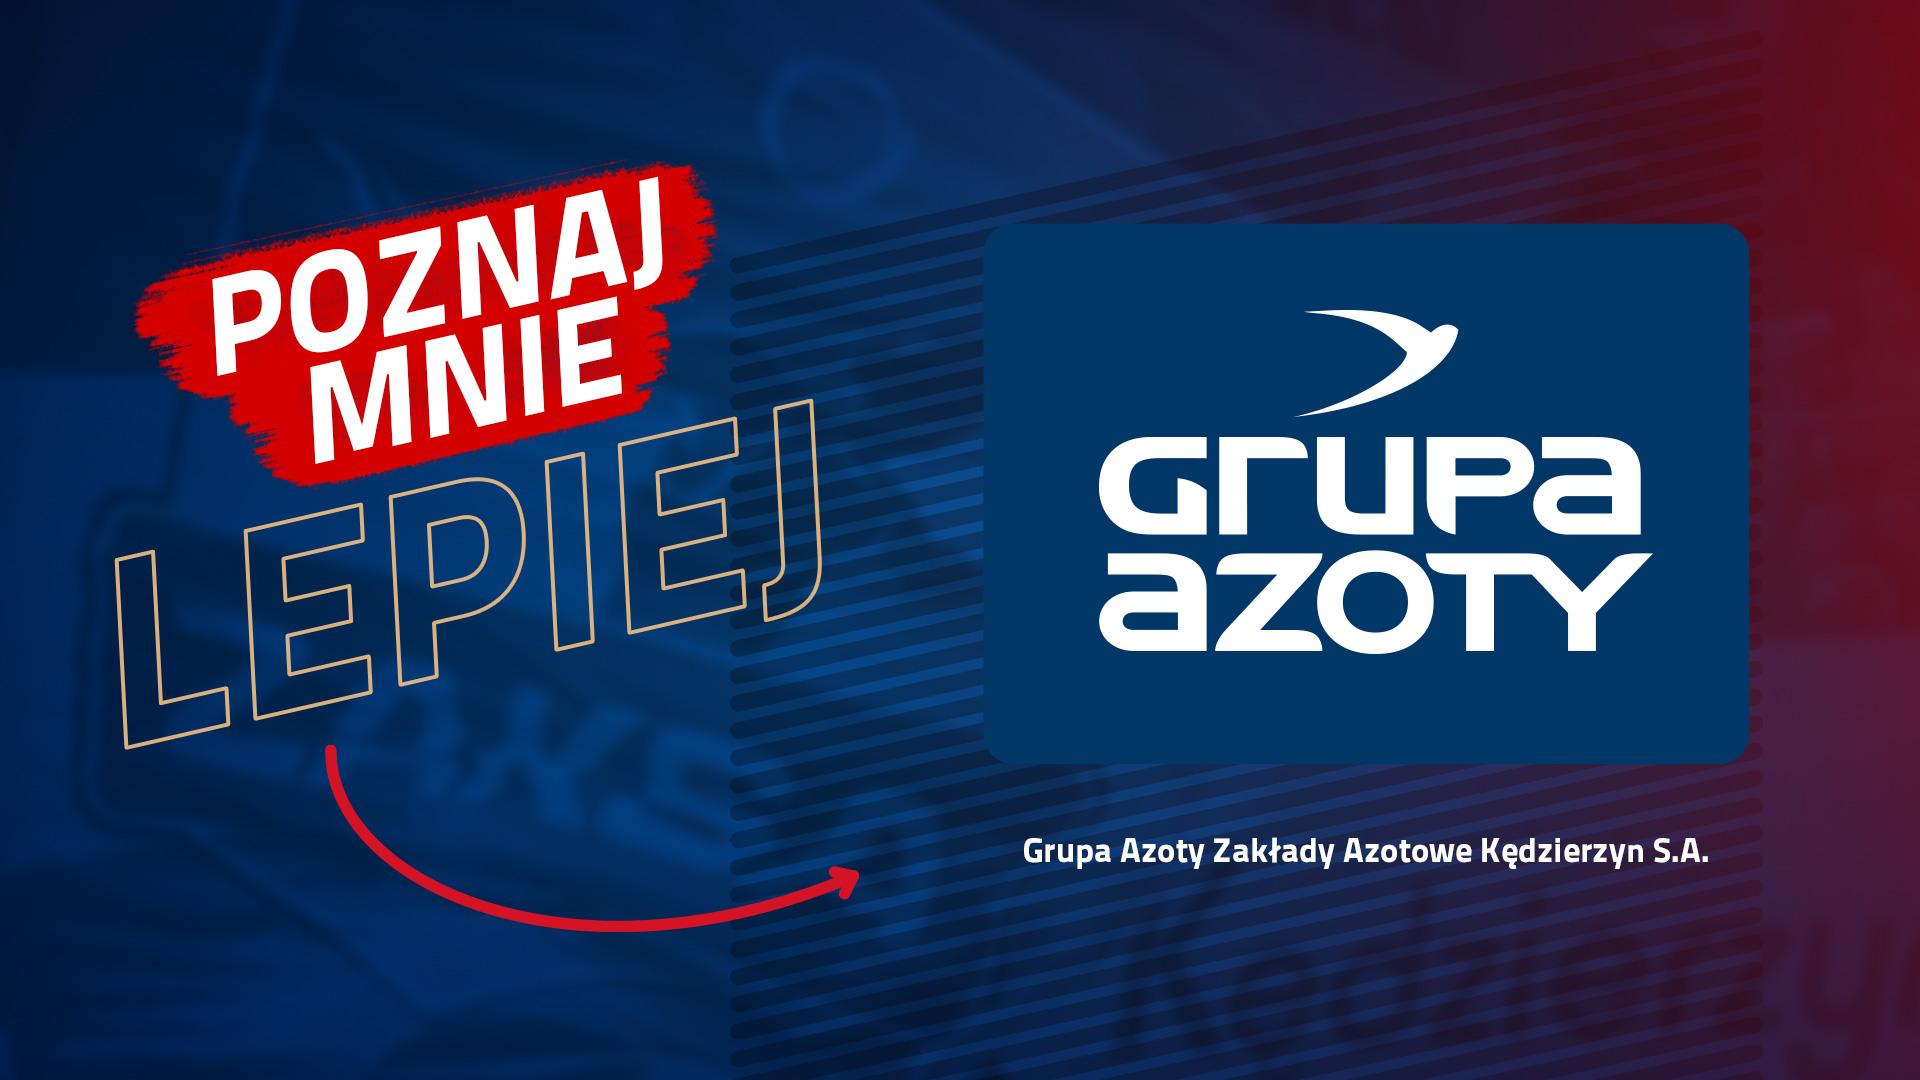 Poznaj mnie lepiej: Grupa Azoty Zakłady Azotowe Kędzierzyn S.A.